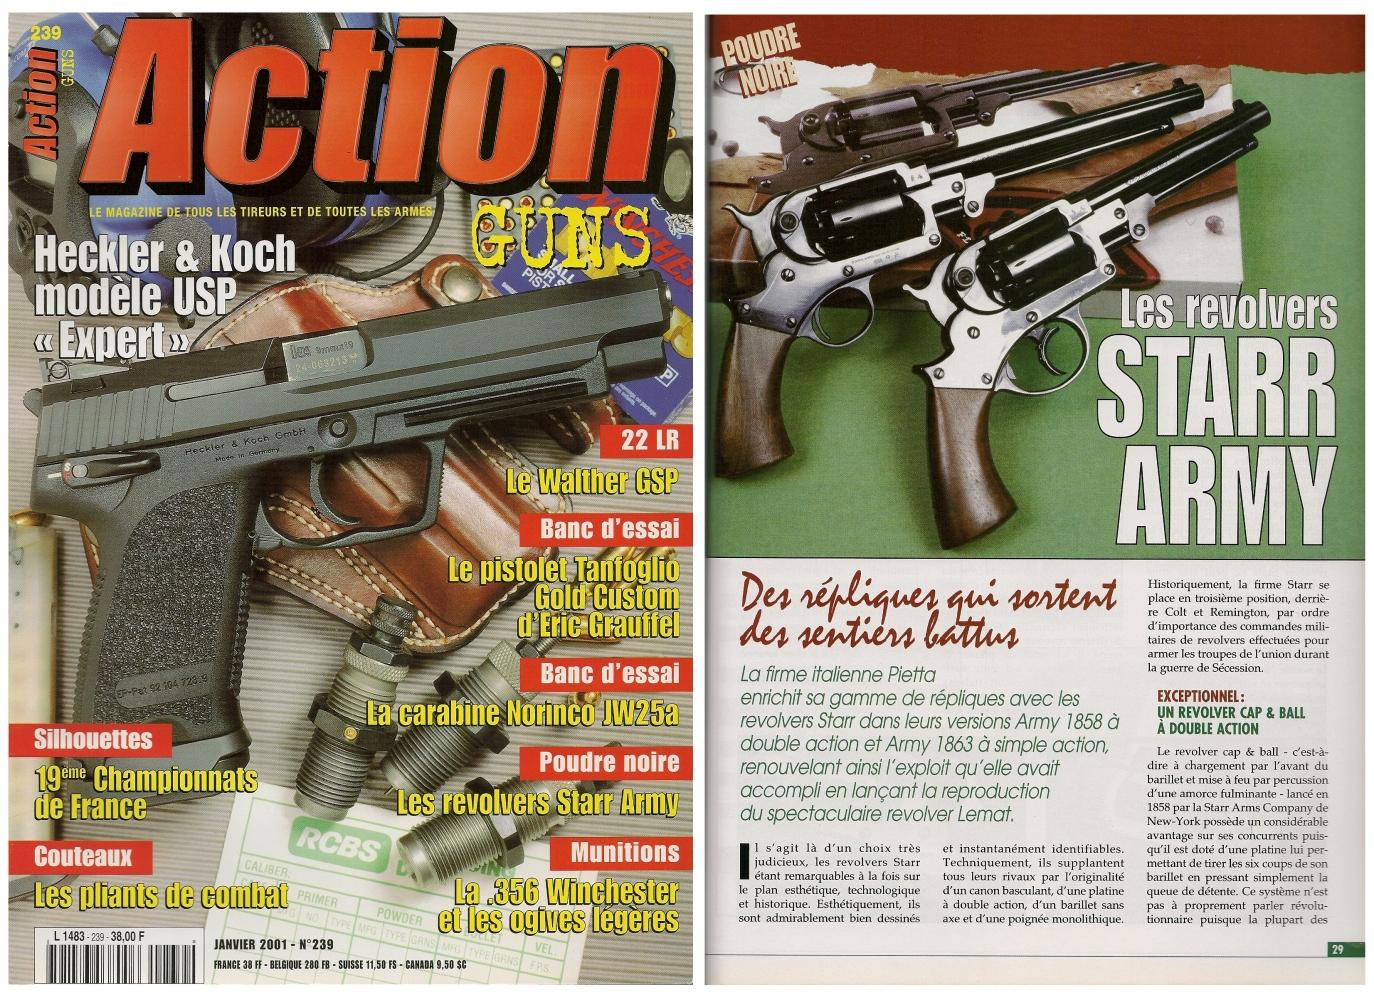 Le banc d'essai des répliques des revolvers Starr Army a été publié sur 6 pages dans le magazine Action Guns n° 239 (janvier 2001).